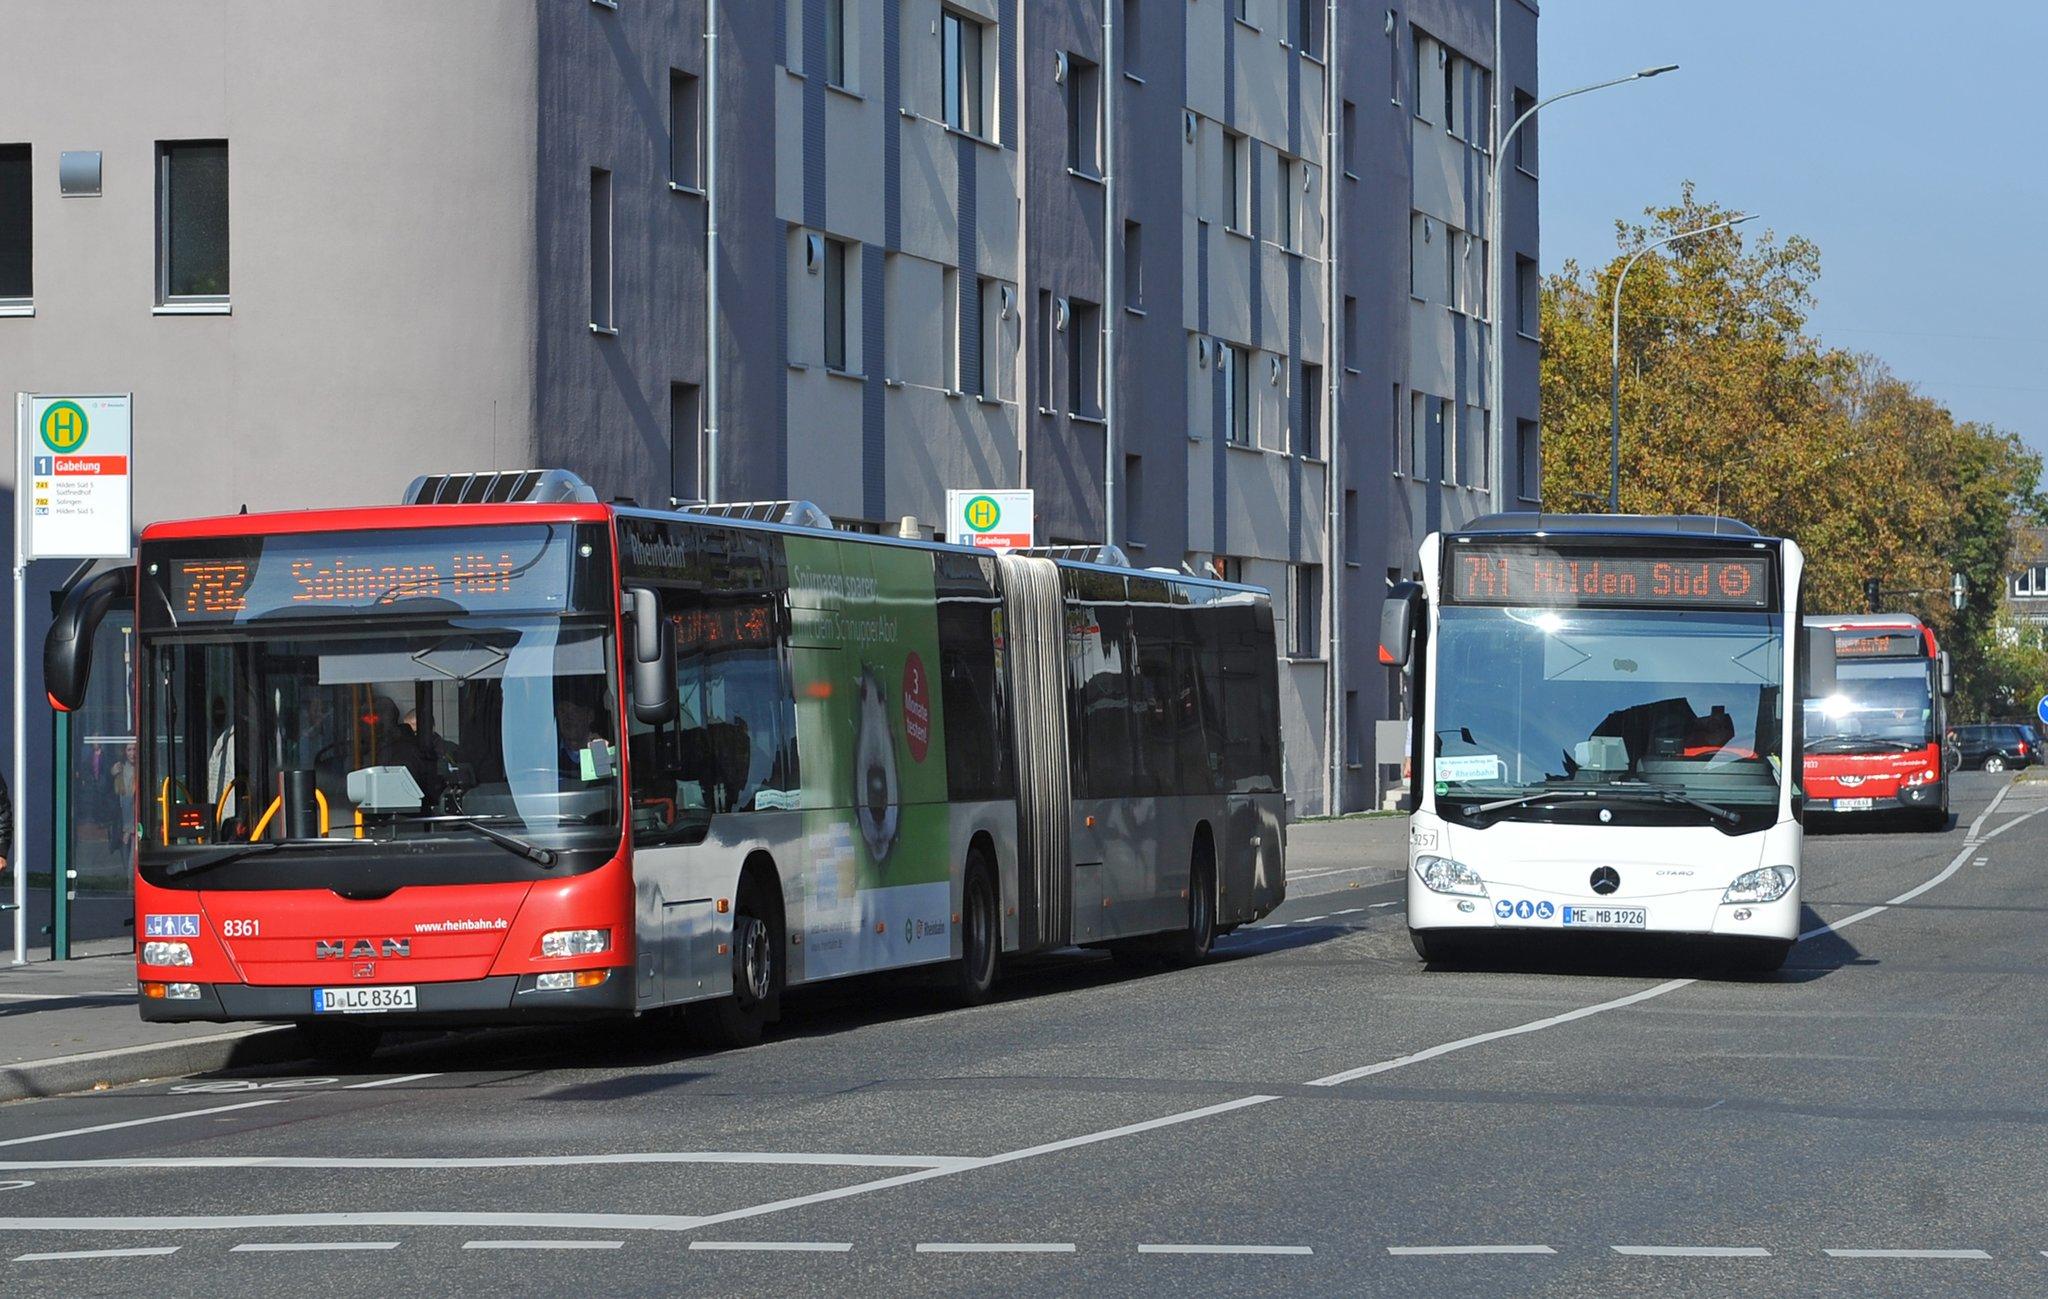 Hilden: Sperrung der Hildener Straße in Solingen: Linien 782, 783 und 792 betroffen - Hilden - Lokalkompass.de